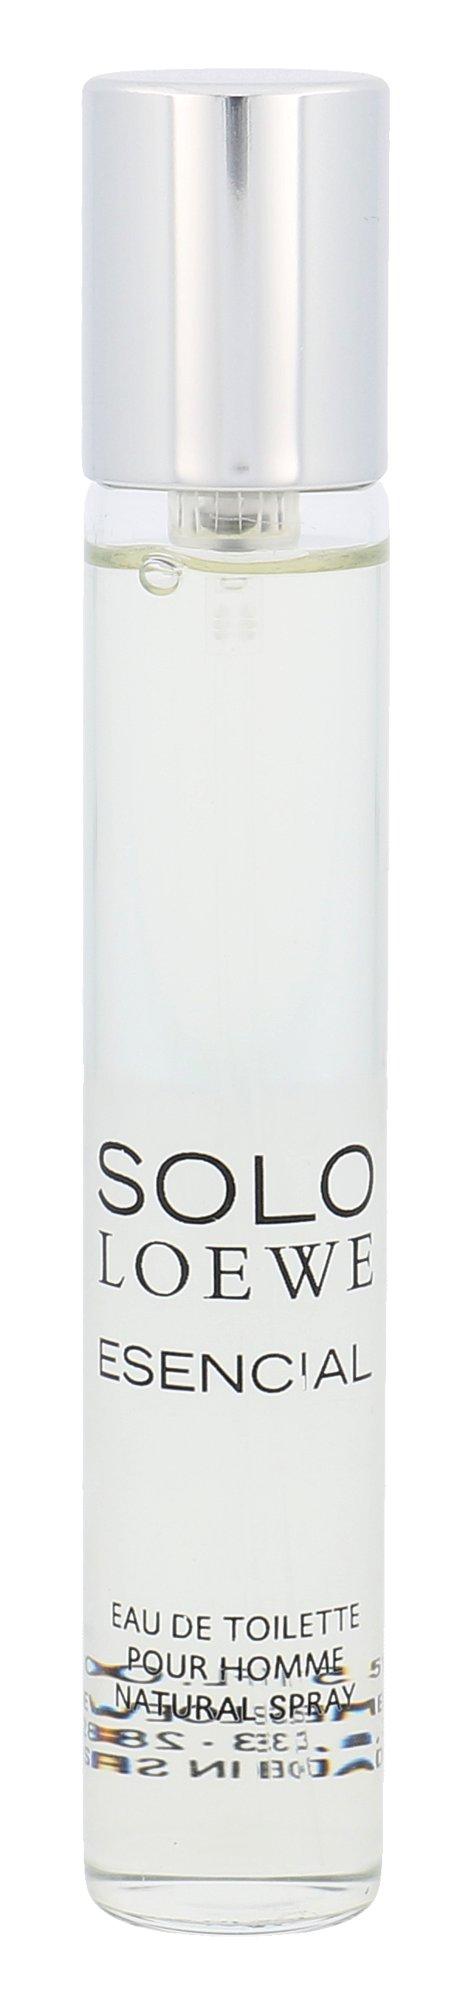 Loewe Solo Loewe Esencial EDT 15 ml M